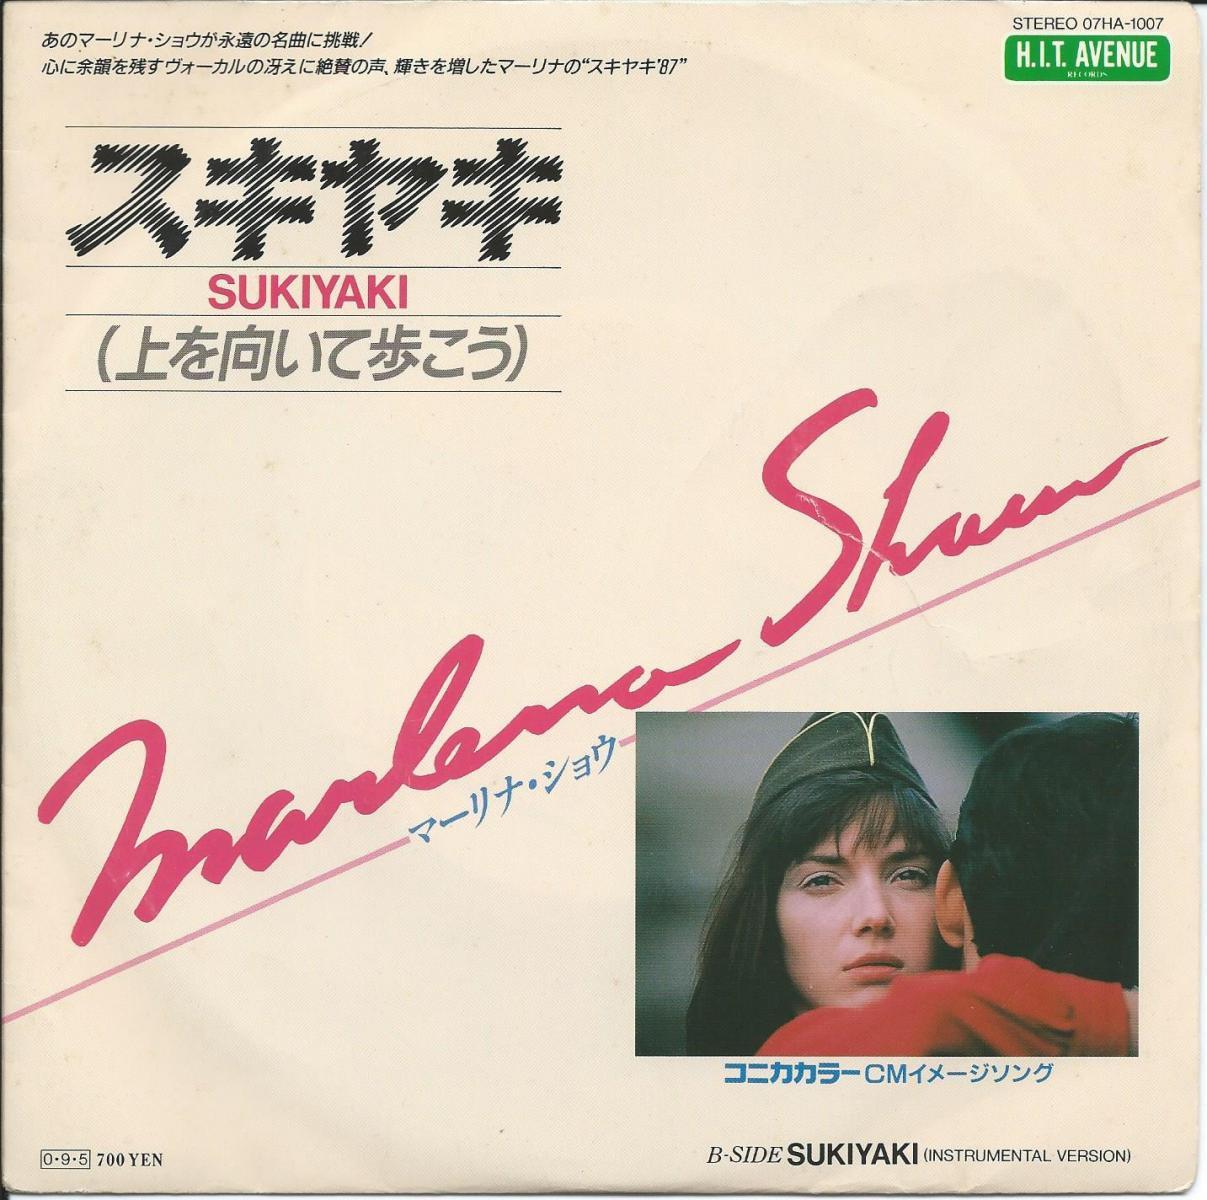 マーリナ・ショウ MARLENA SHAW / スキヤキ (上を向いて歩こう) SUKIYAKI (7